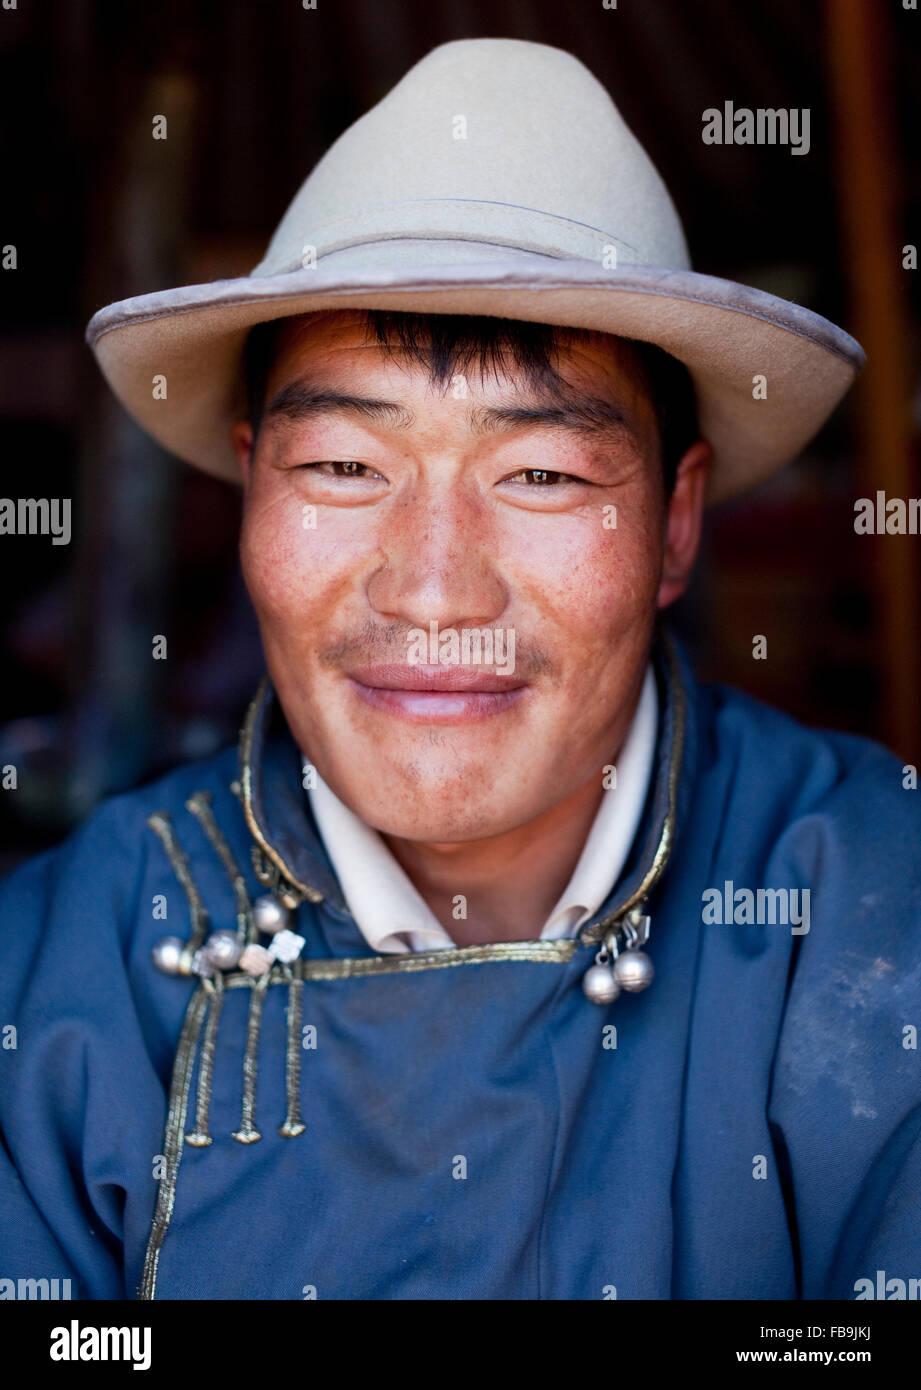 Un herder all'interno di un ger mongolo yurt () tenda nel Deserto del Gobi, Mongolia. Immagini Stock